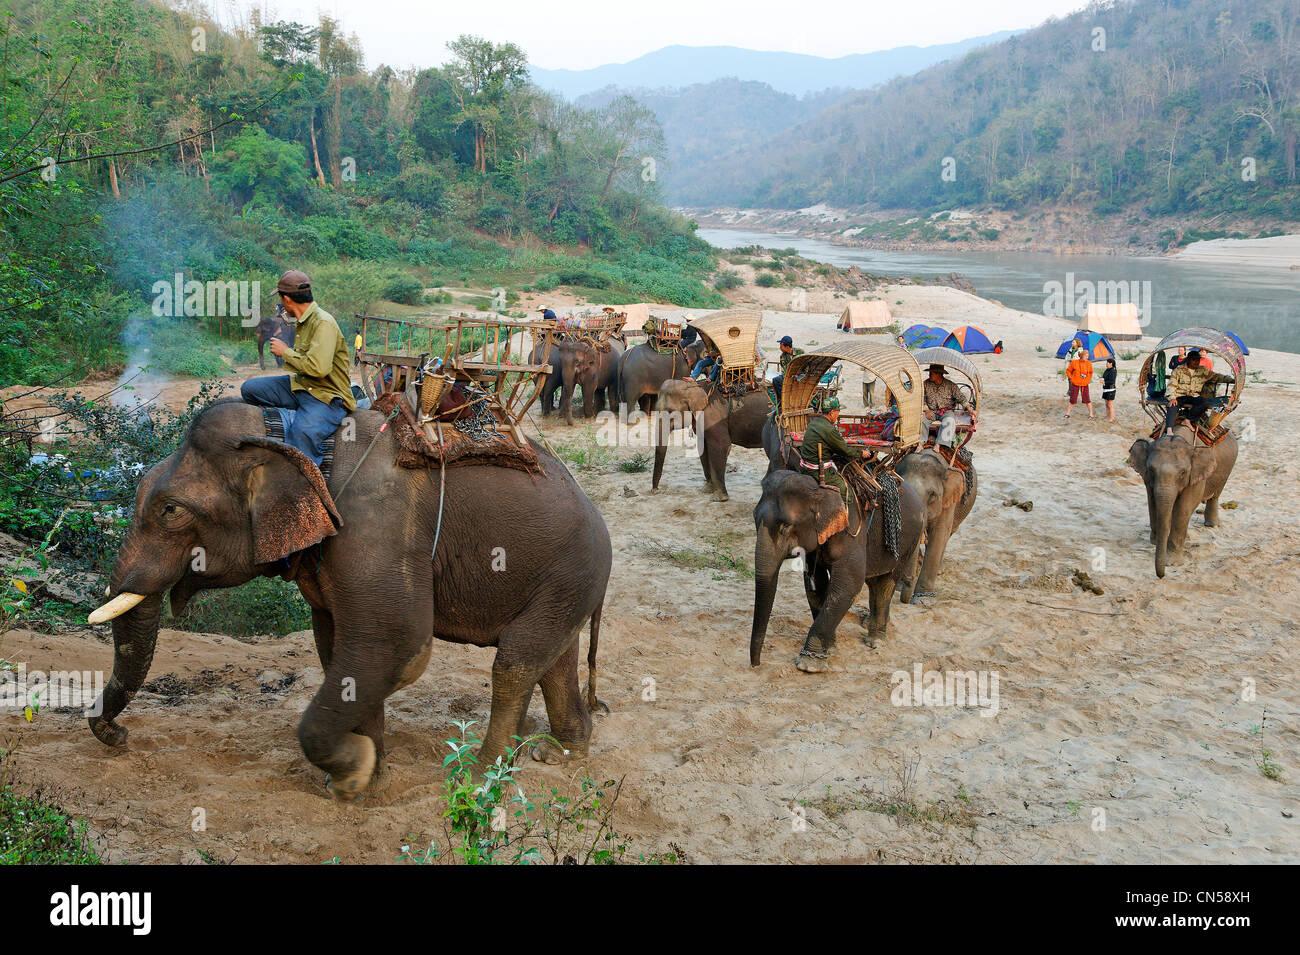 Laos, Sainyabuli Province, Mékong, randonnée à dos d'éléphant, départ de la caravane Photo Stock